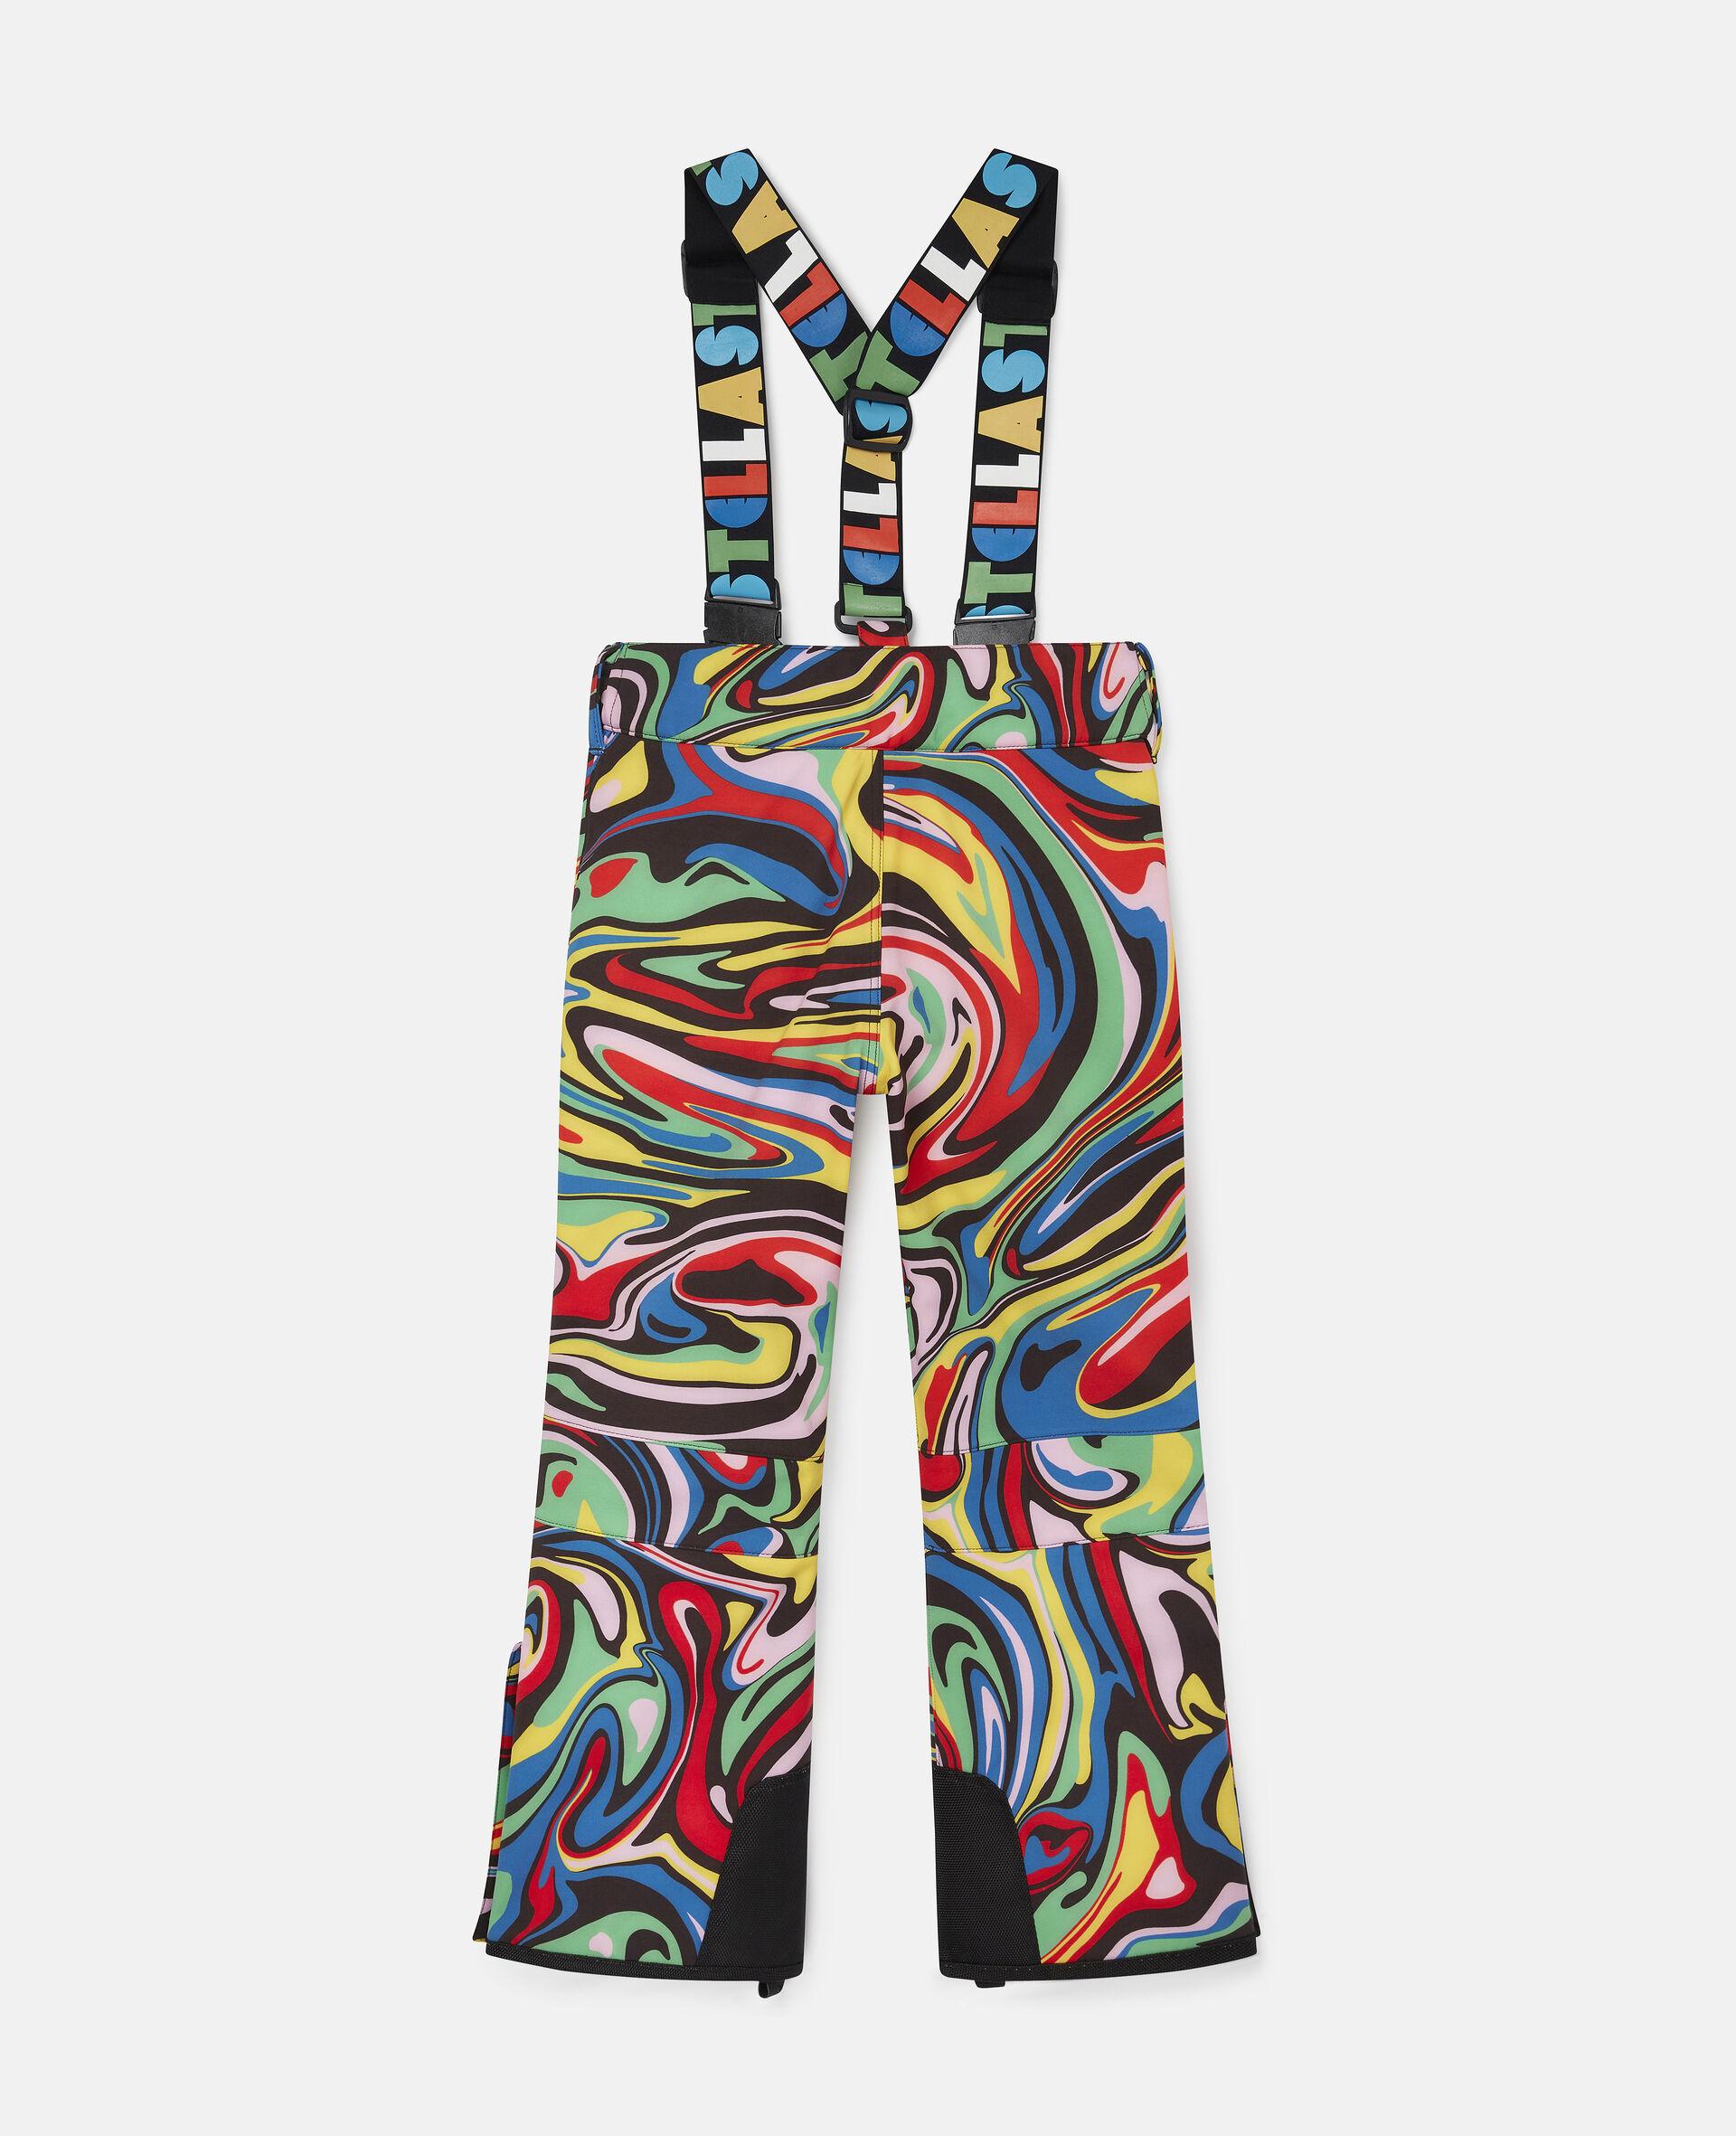 Pantalon de ski motif marbré-Fantaisie-large image number 3